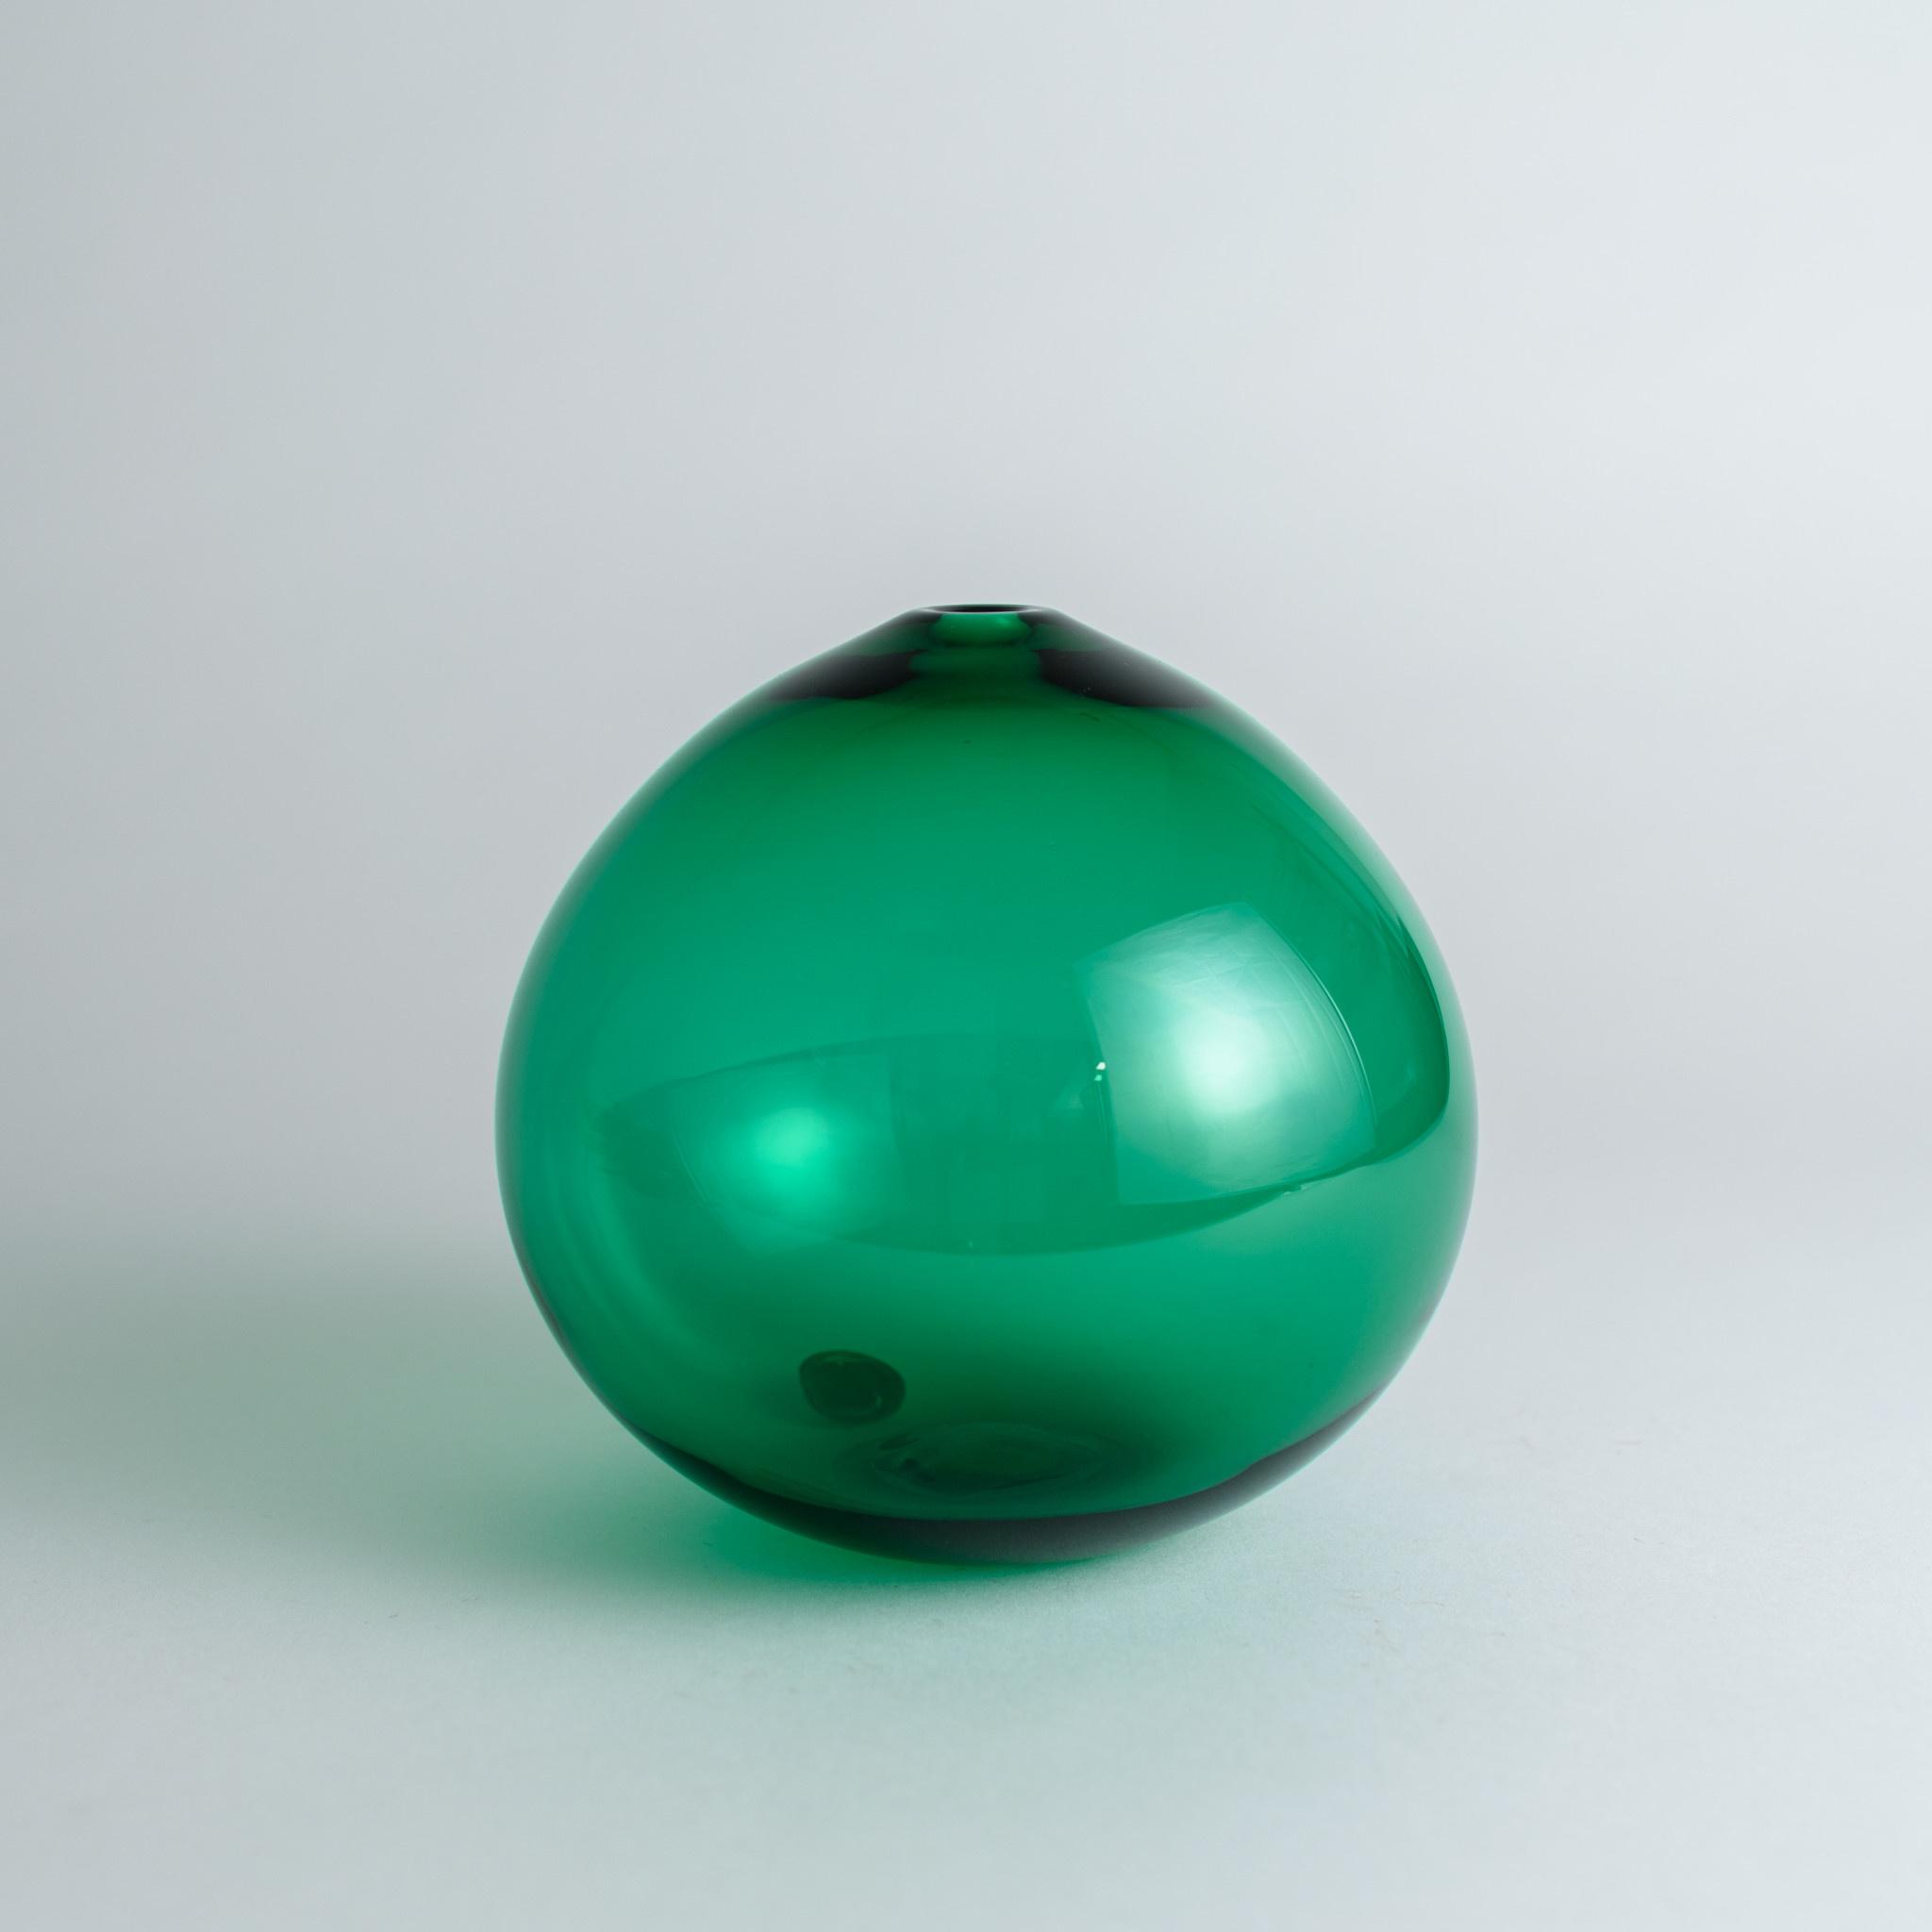 Fiori Vase Small Emerald